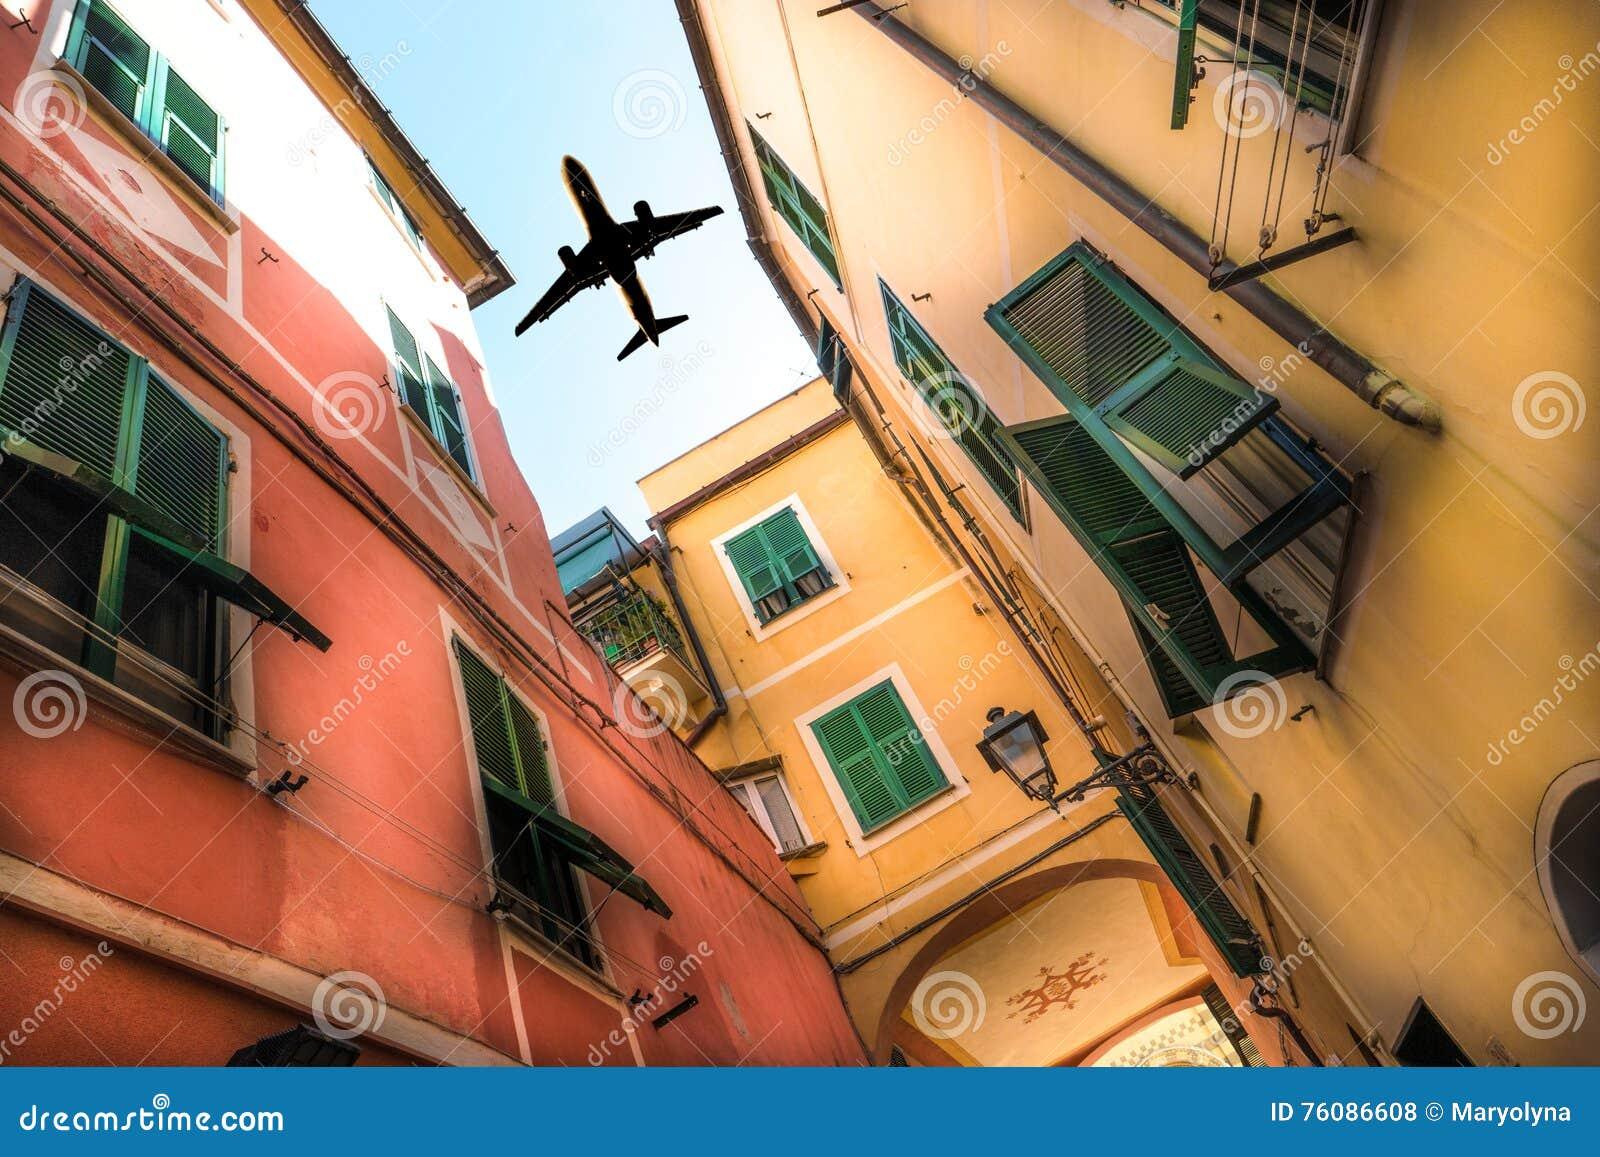 Avion au-dessus de la ville